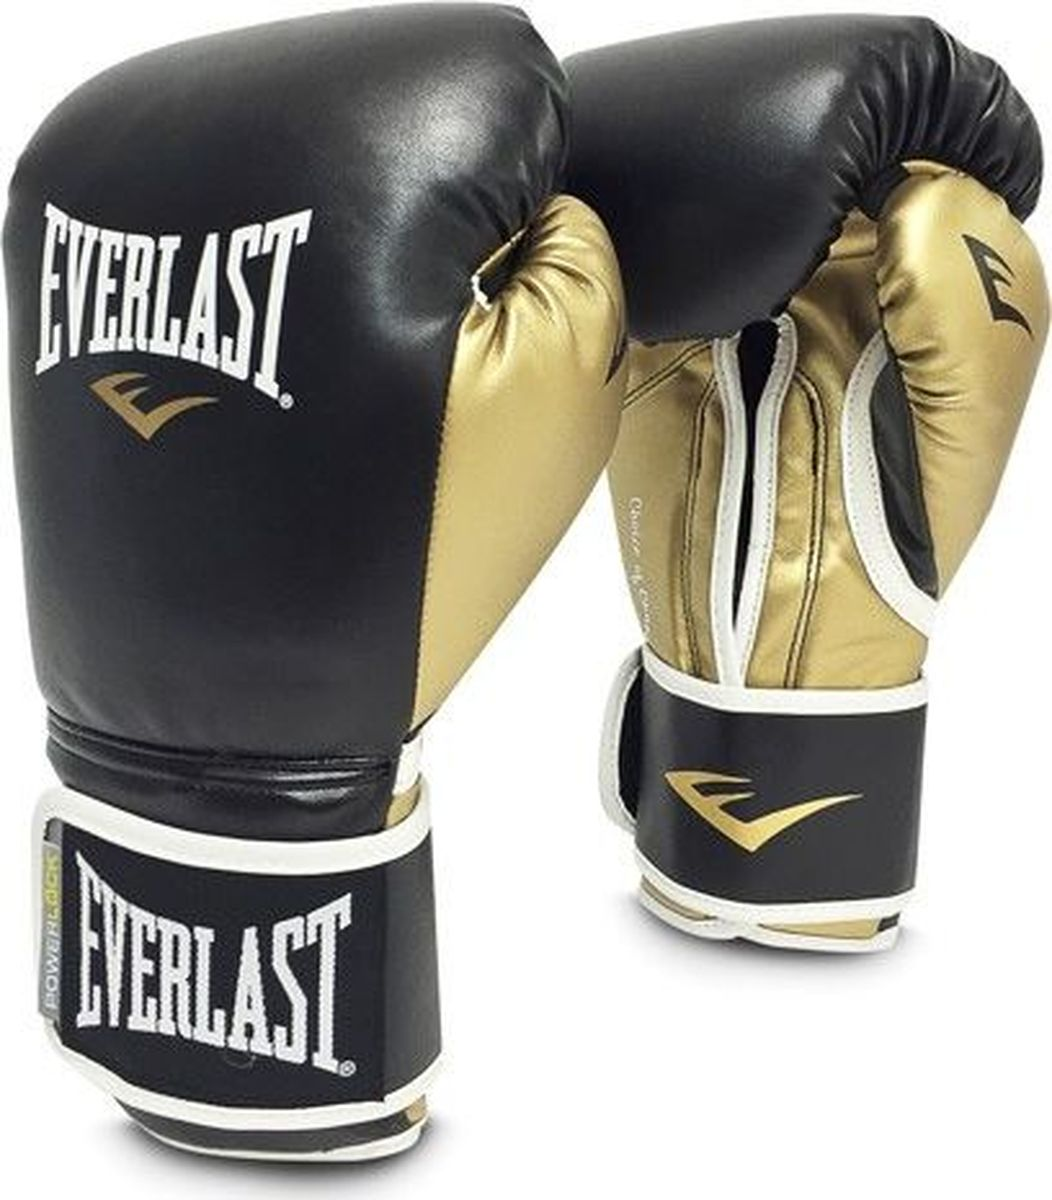 Боксерские перчатки Everlast Powerlock, тренировочные, P00000724, черный, золотой, вес 16 унций мультитул powerlock eod black oxide черный sog